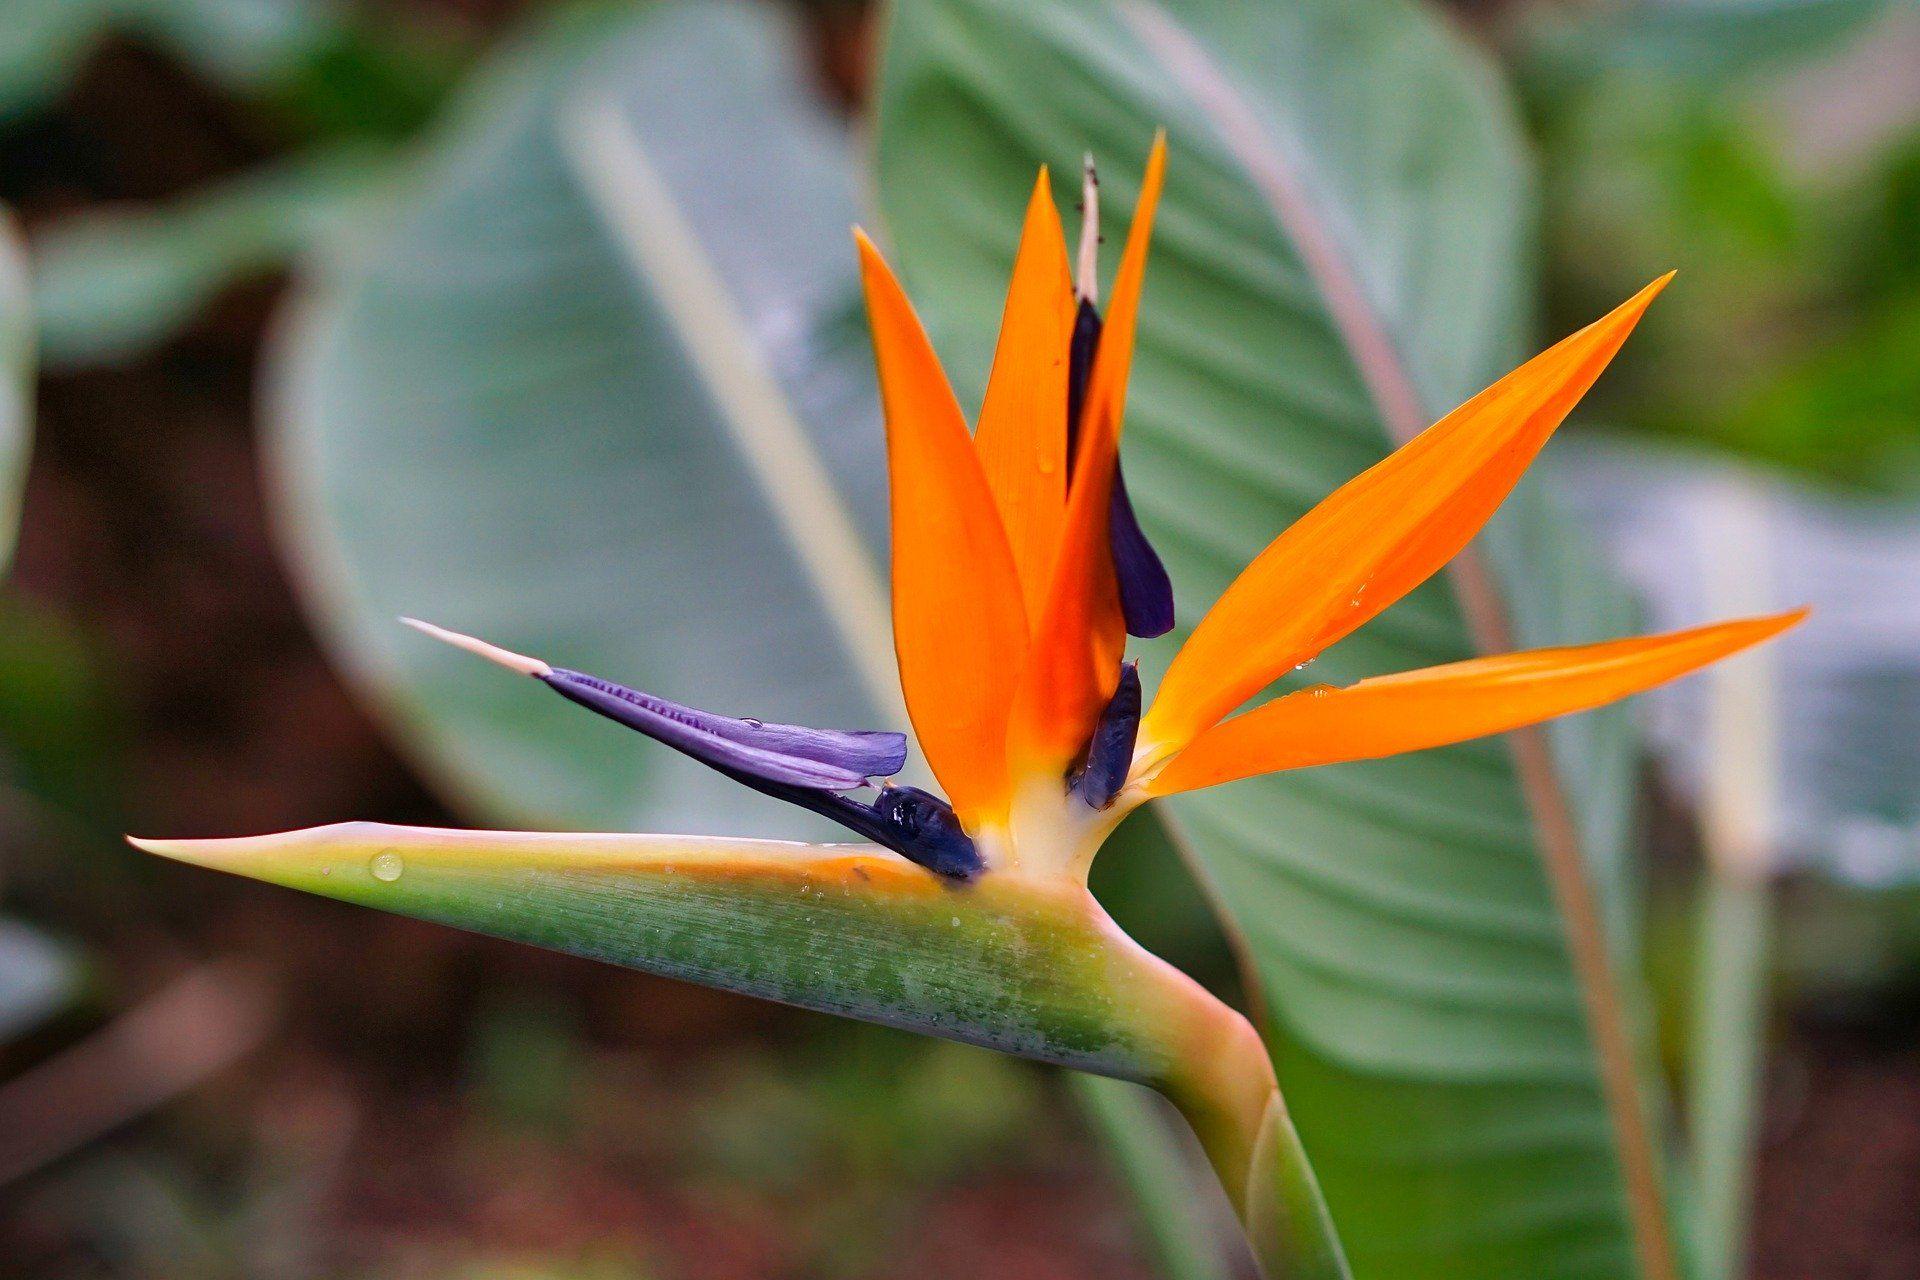 Смотреть фото райской птицы на нашем сайте